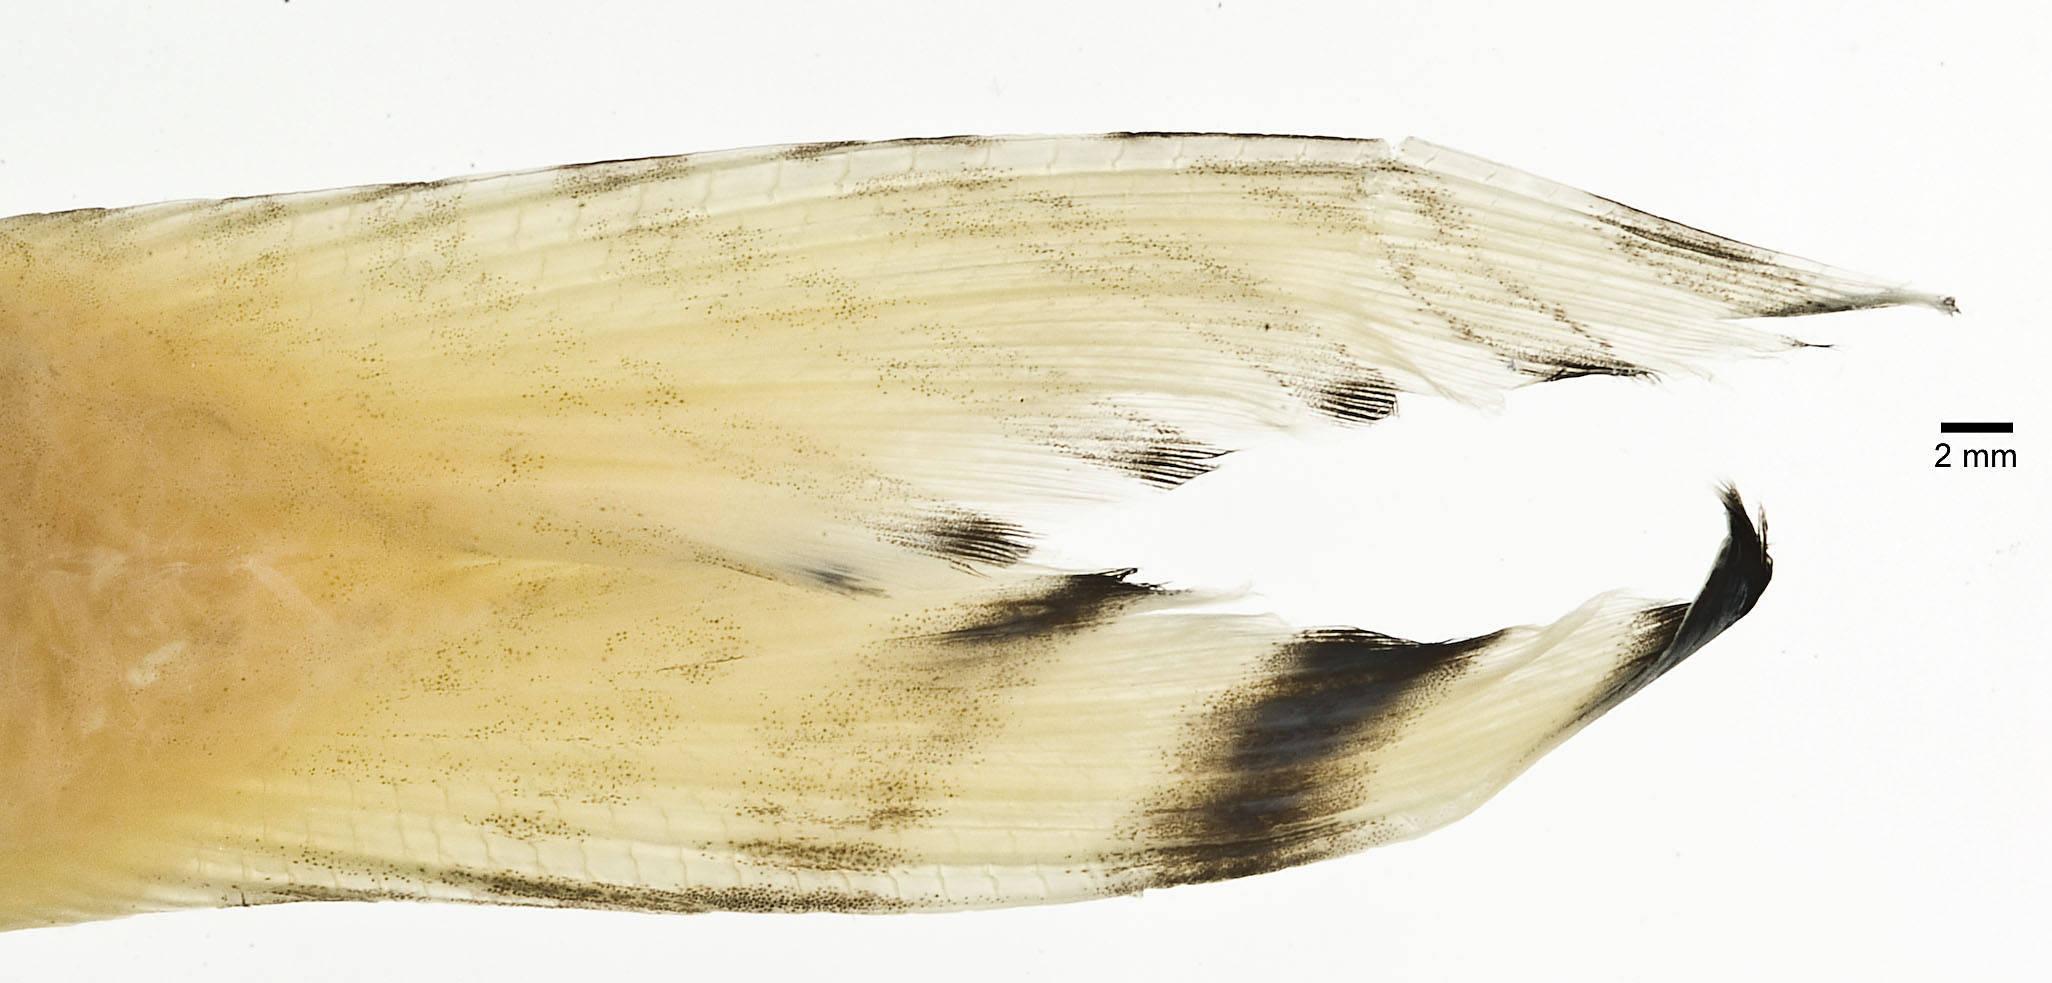 Image of Band-tail goatfish